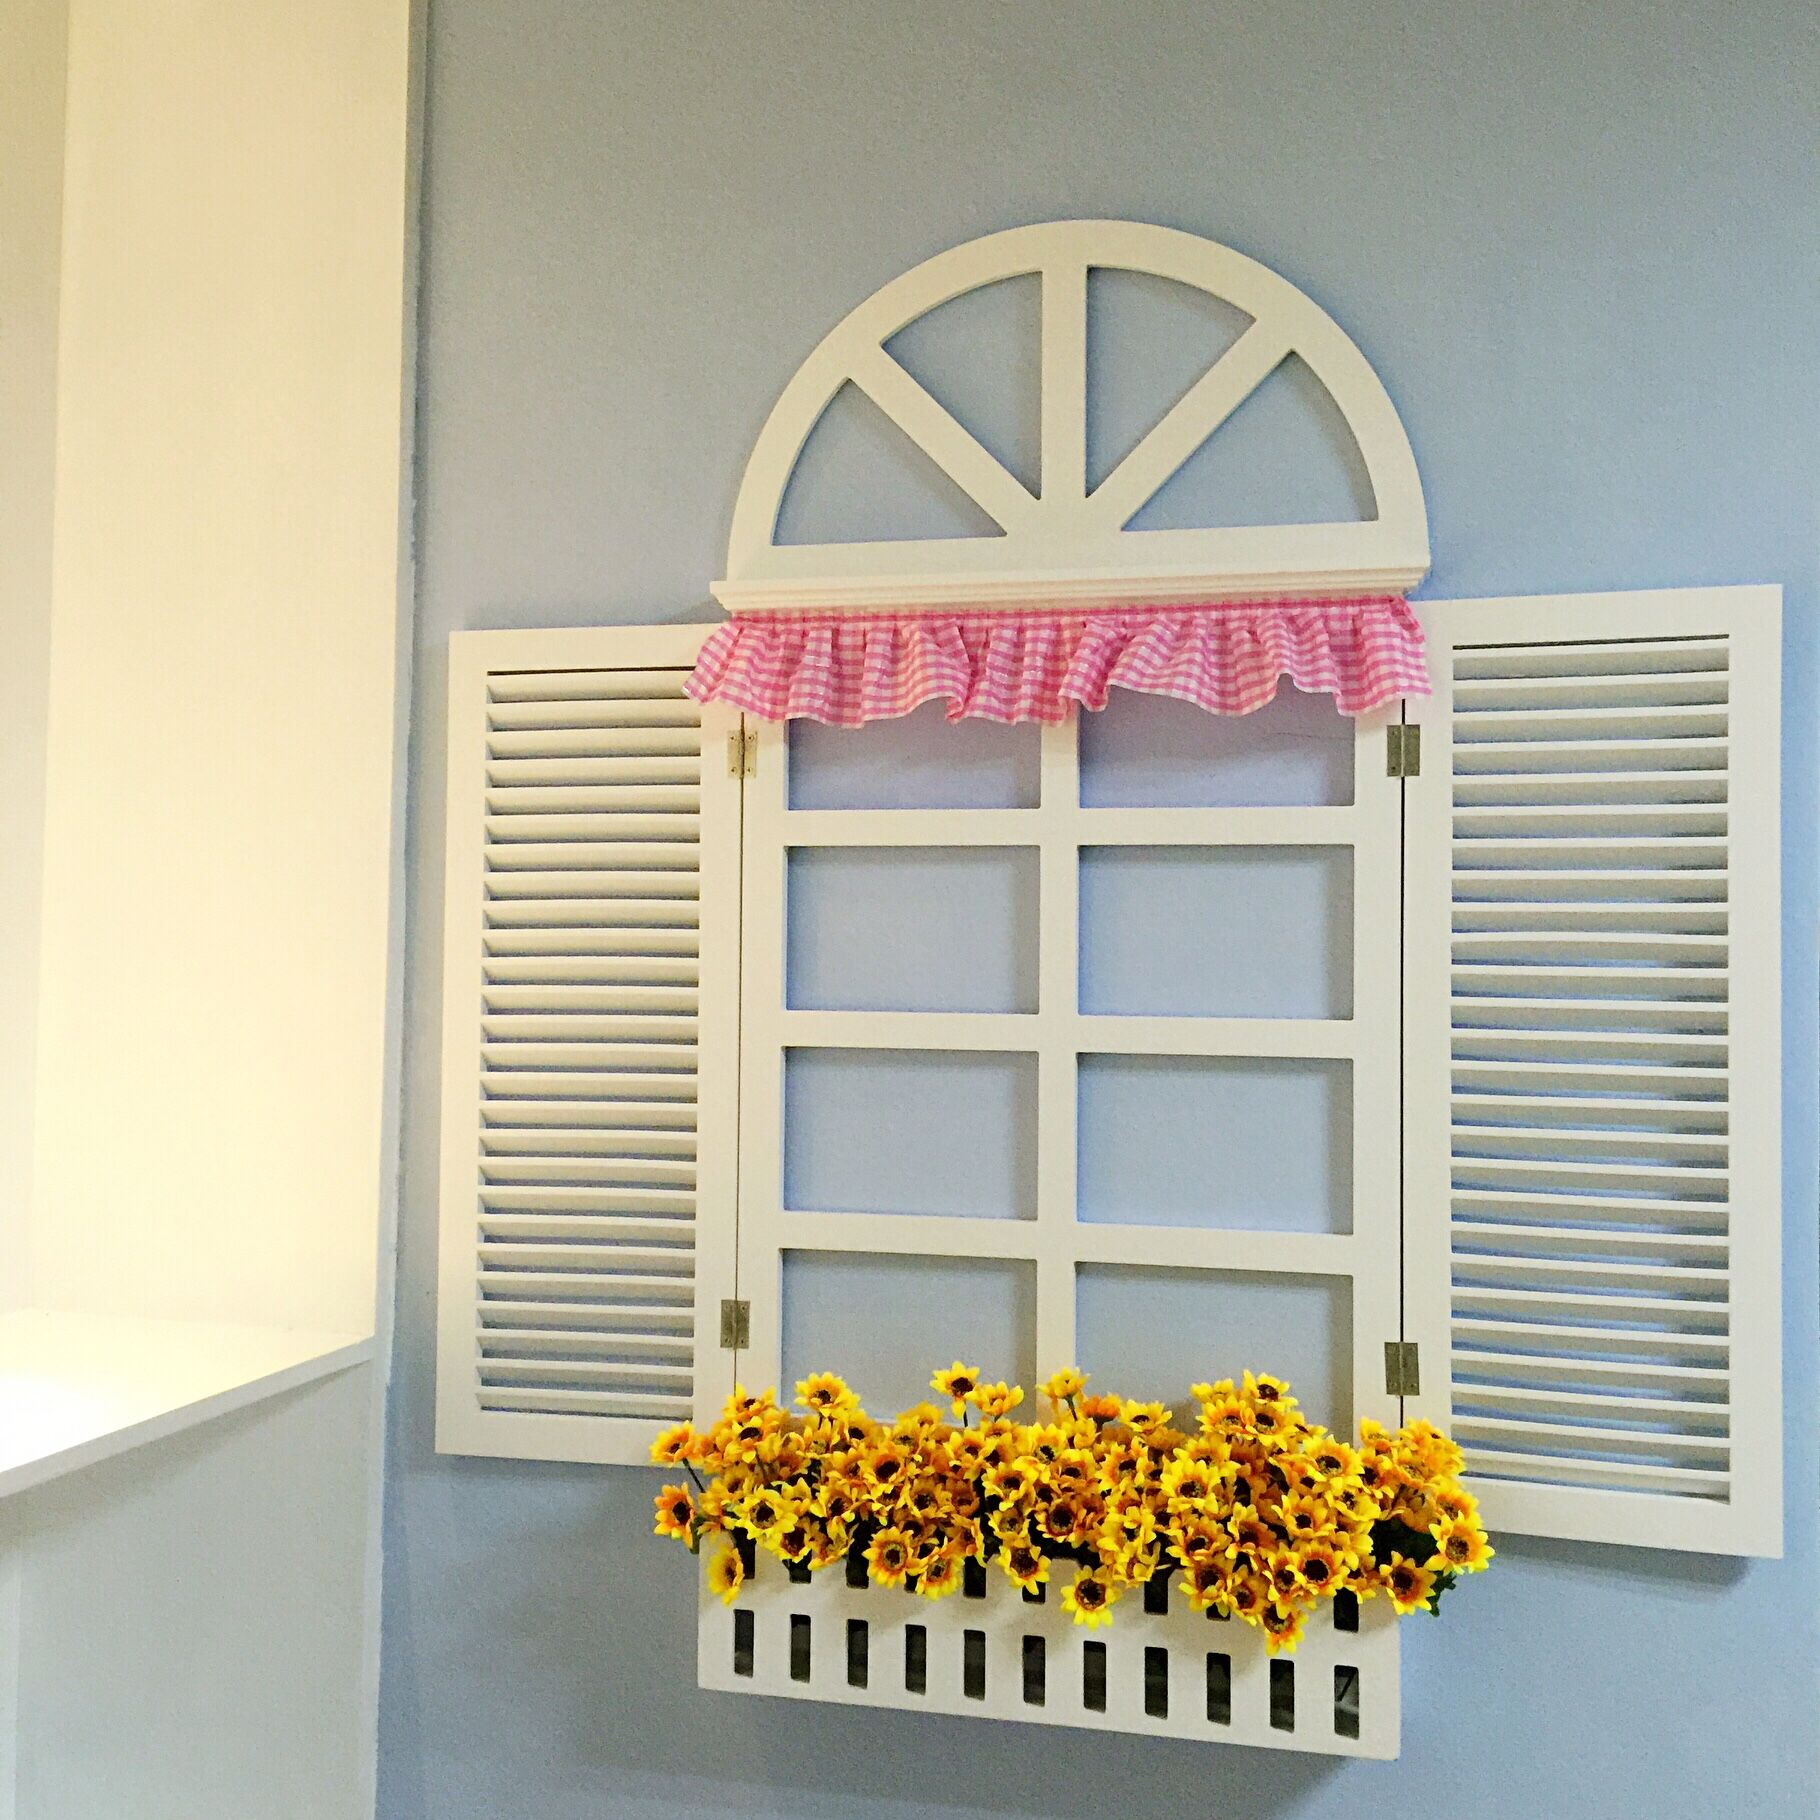 欧式假窗户壁挂地中海风格假窗田园墙面壁饰装饰创意ins北欧家居